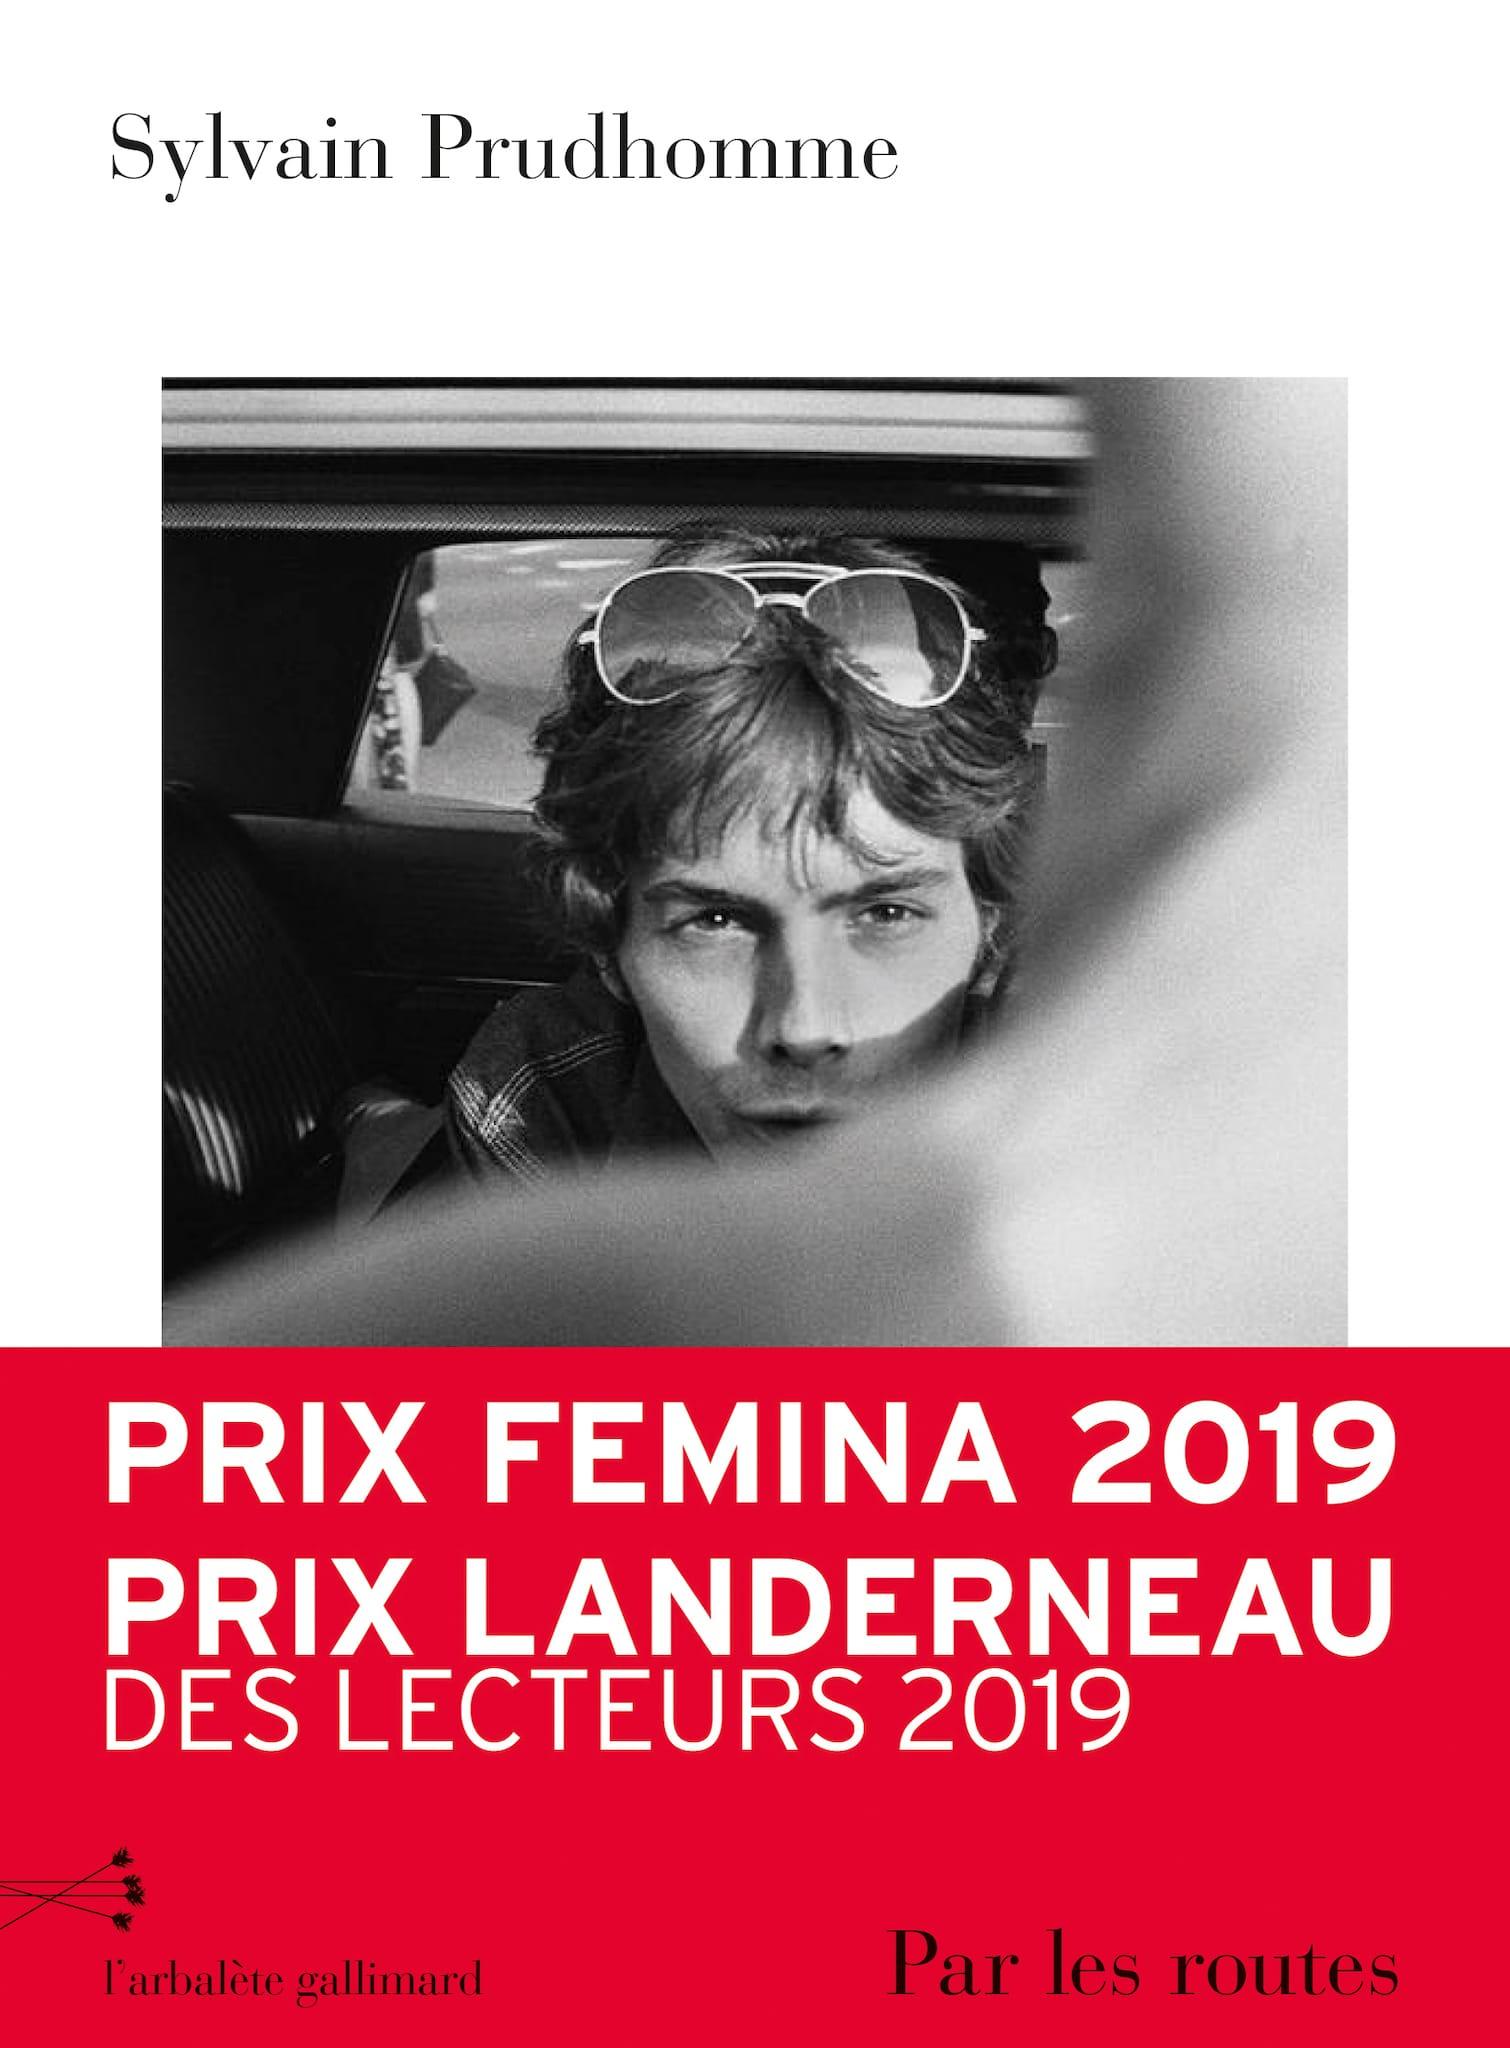 Par les routes de Sylvain Prudhomme image couverture livre roman